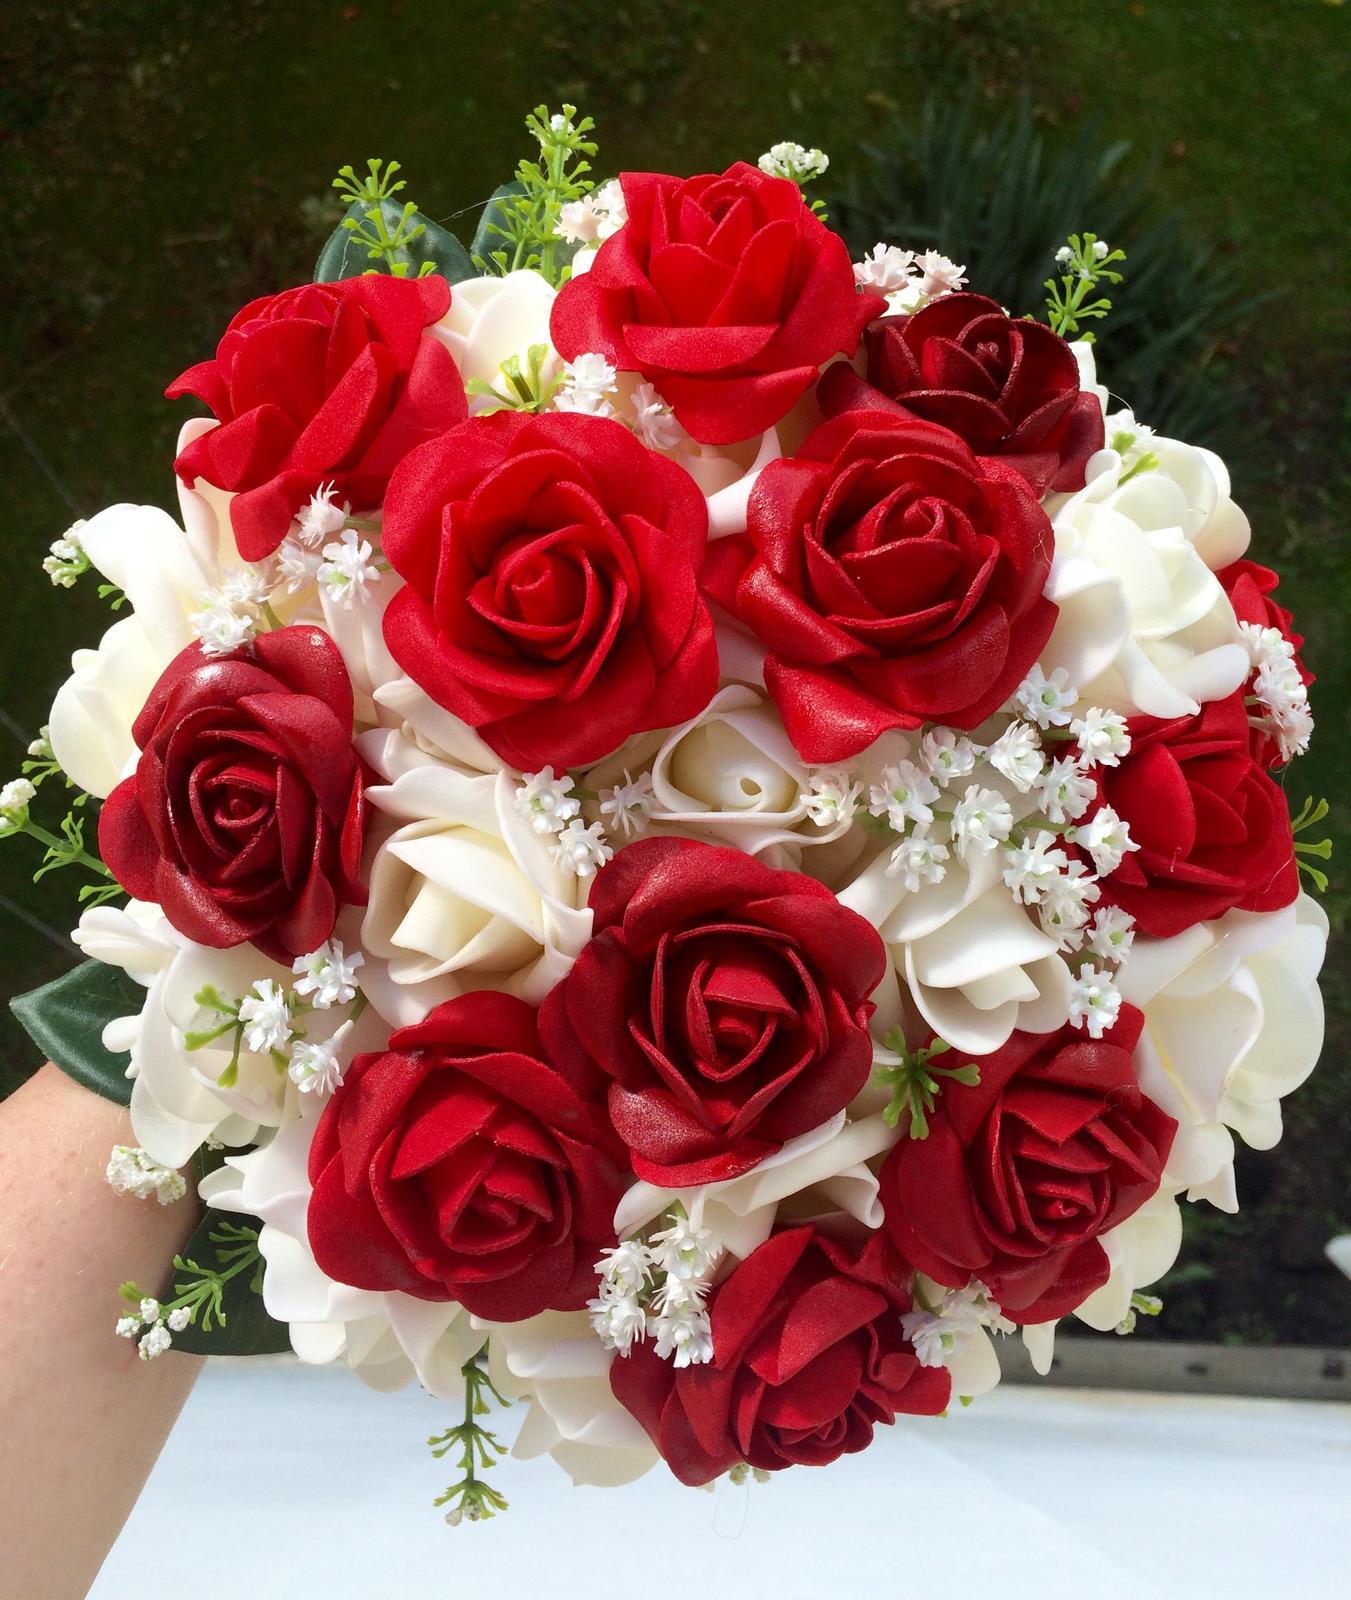 Svatební kytice z umělých květin - Obrázek č. 1